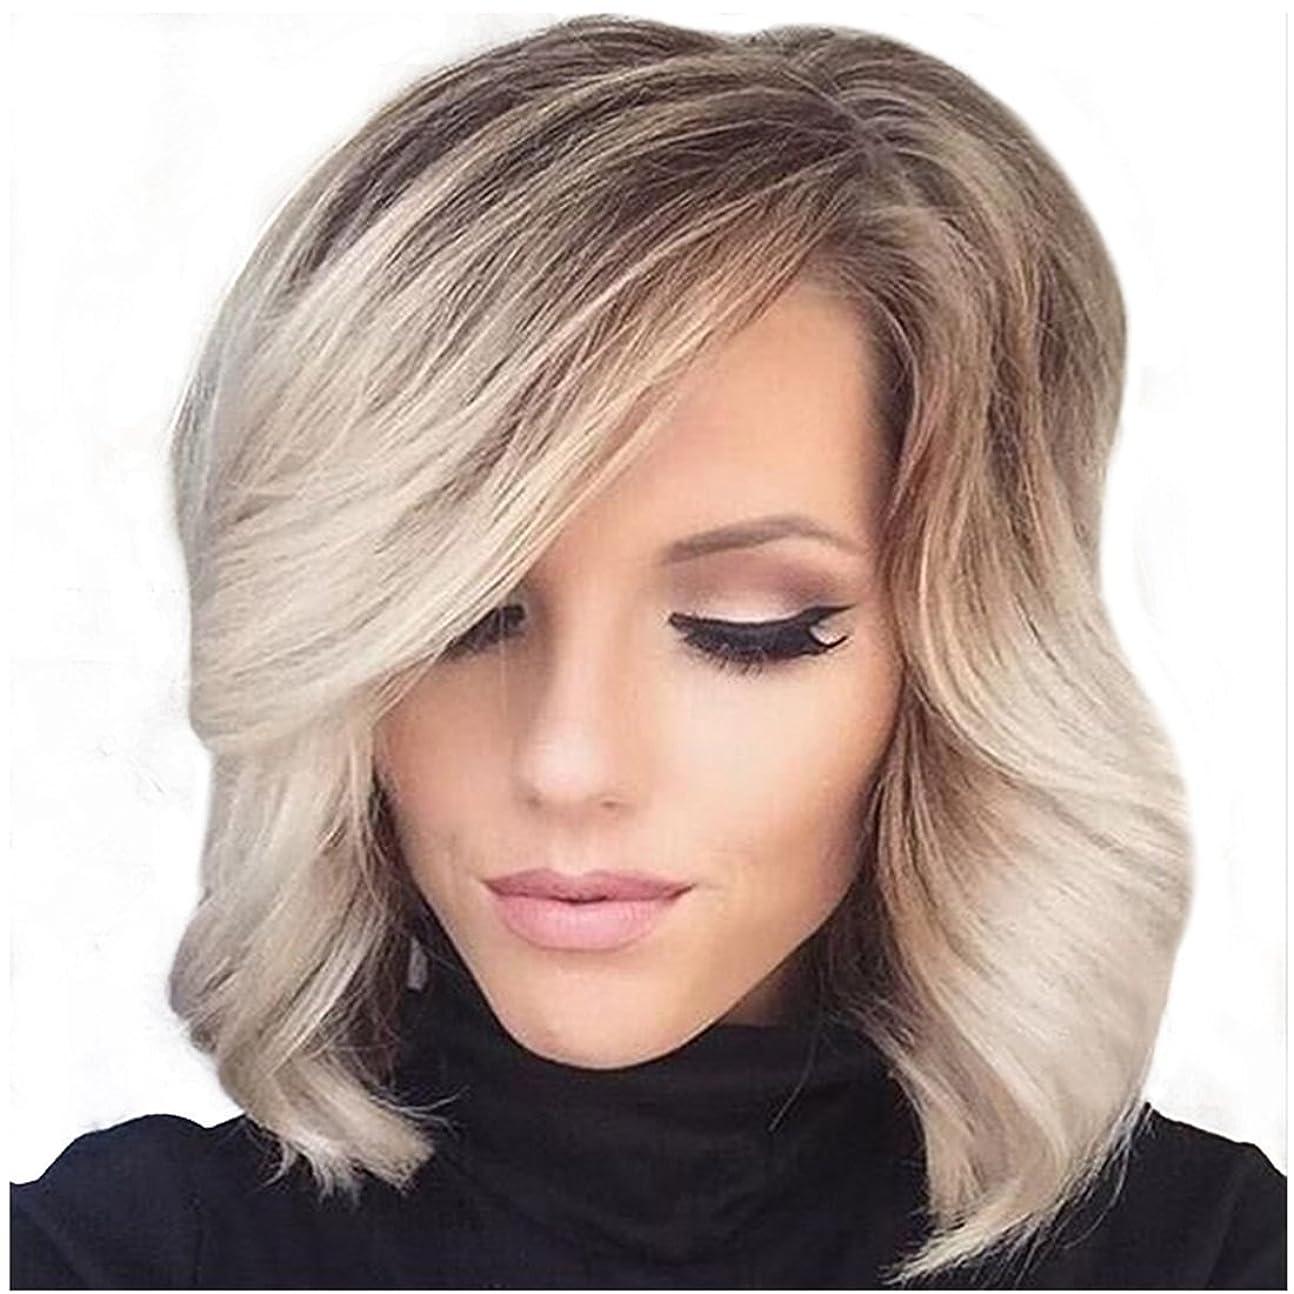 リサイクルする経過作曲するBOBIDYEE 女性のための人工毛髪のかつら斜め前髪付き小髪かつら耐熱性ファイバー20cm / 30cm(シルバーグレー、グラデーションシルバーグレー)ファッションかつら (色 : Gradient silver grey)